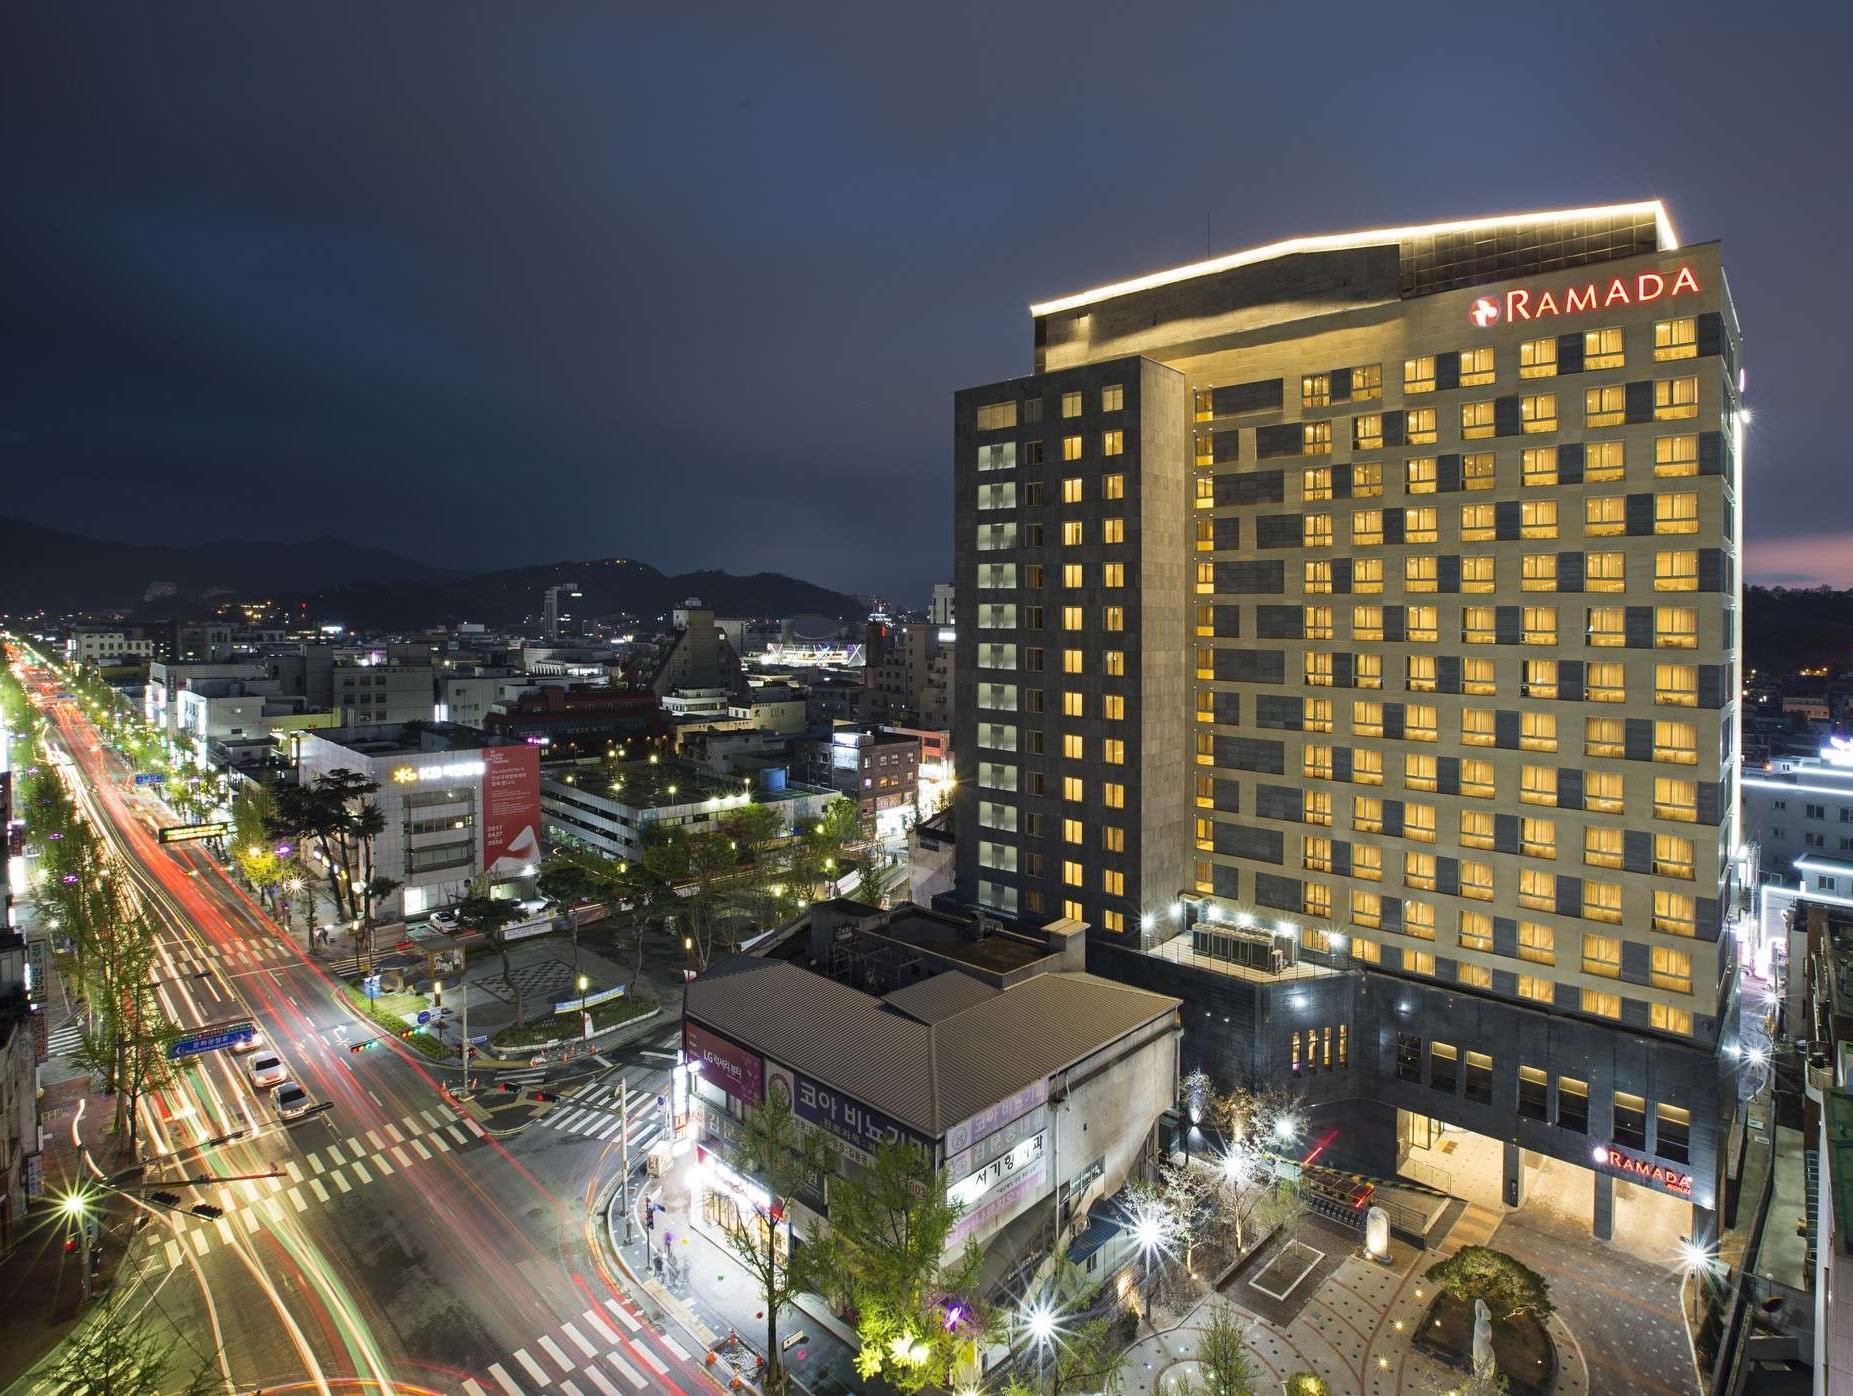 RAMADA Jeonju Hotel